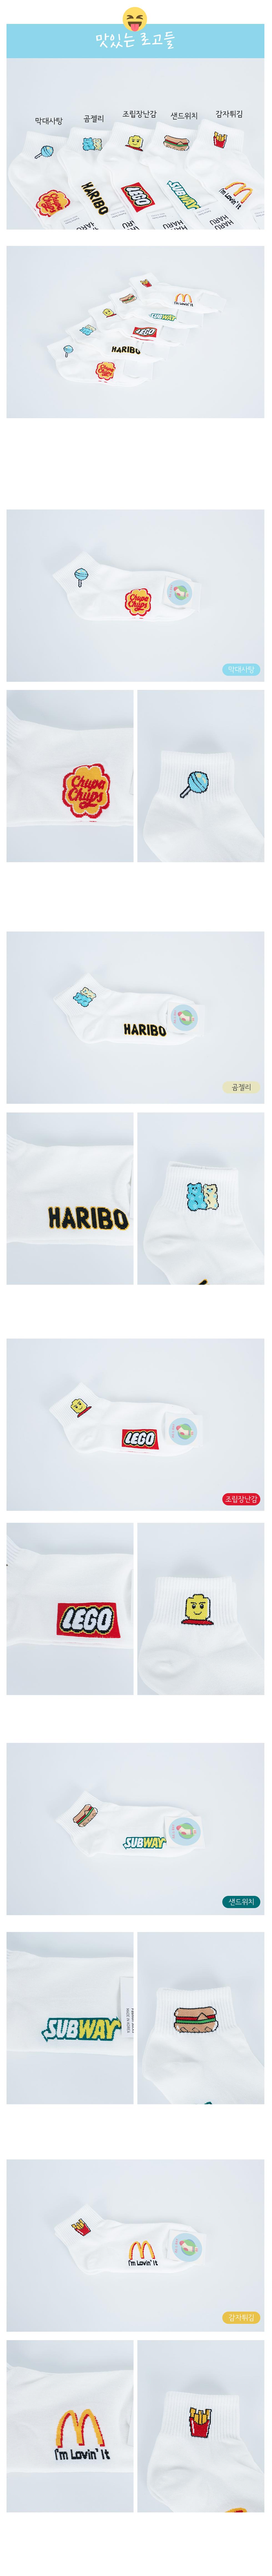 맛있는 로고들 발목 골지 양말 패션양말 캐릭터양말 - 교복몰, 1,700원, 여성양말, 패션양말